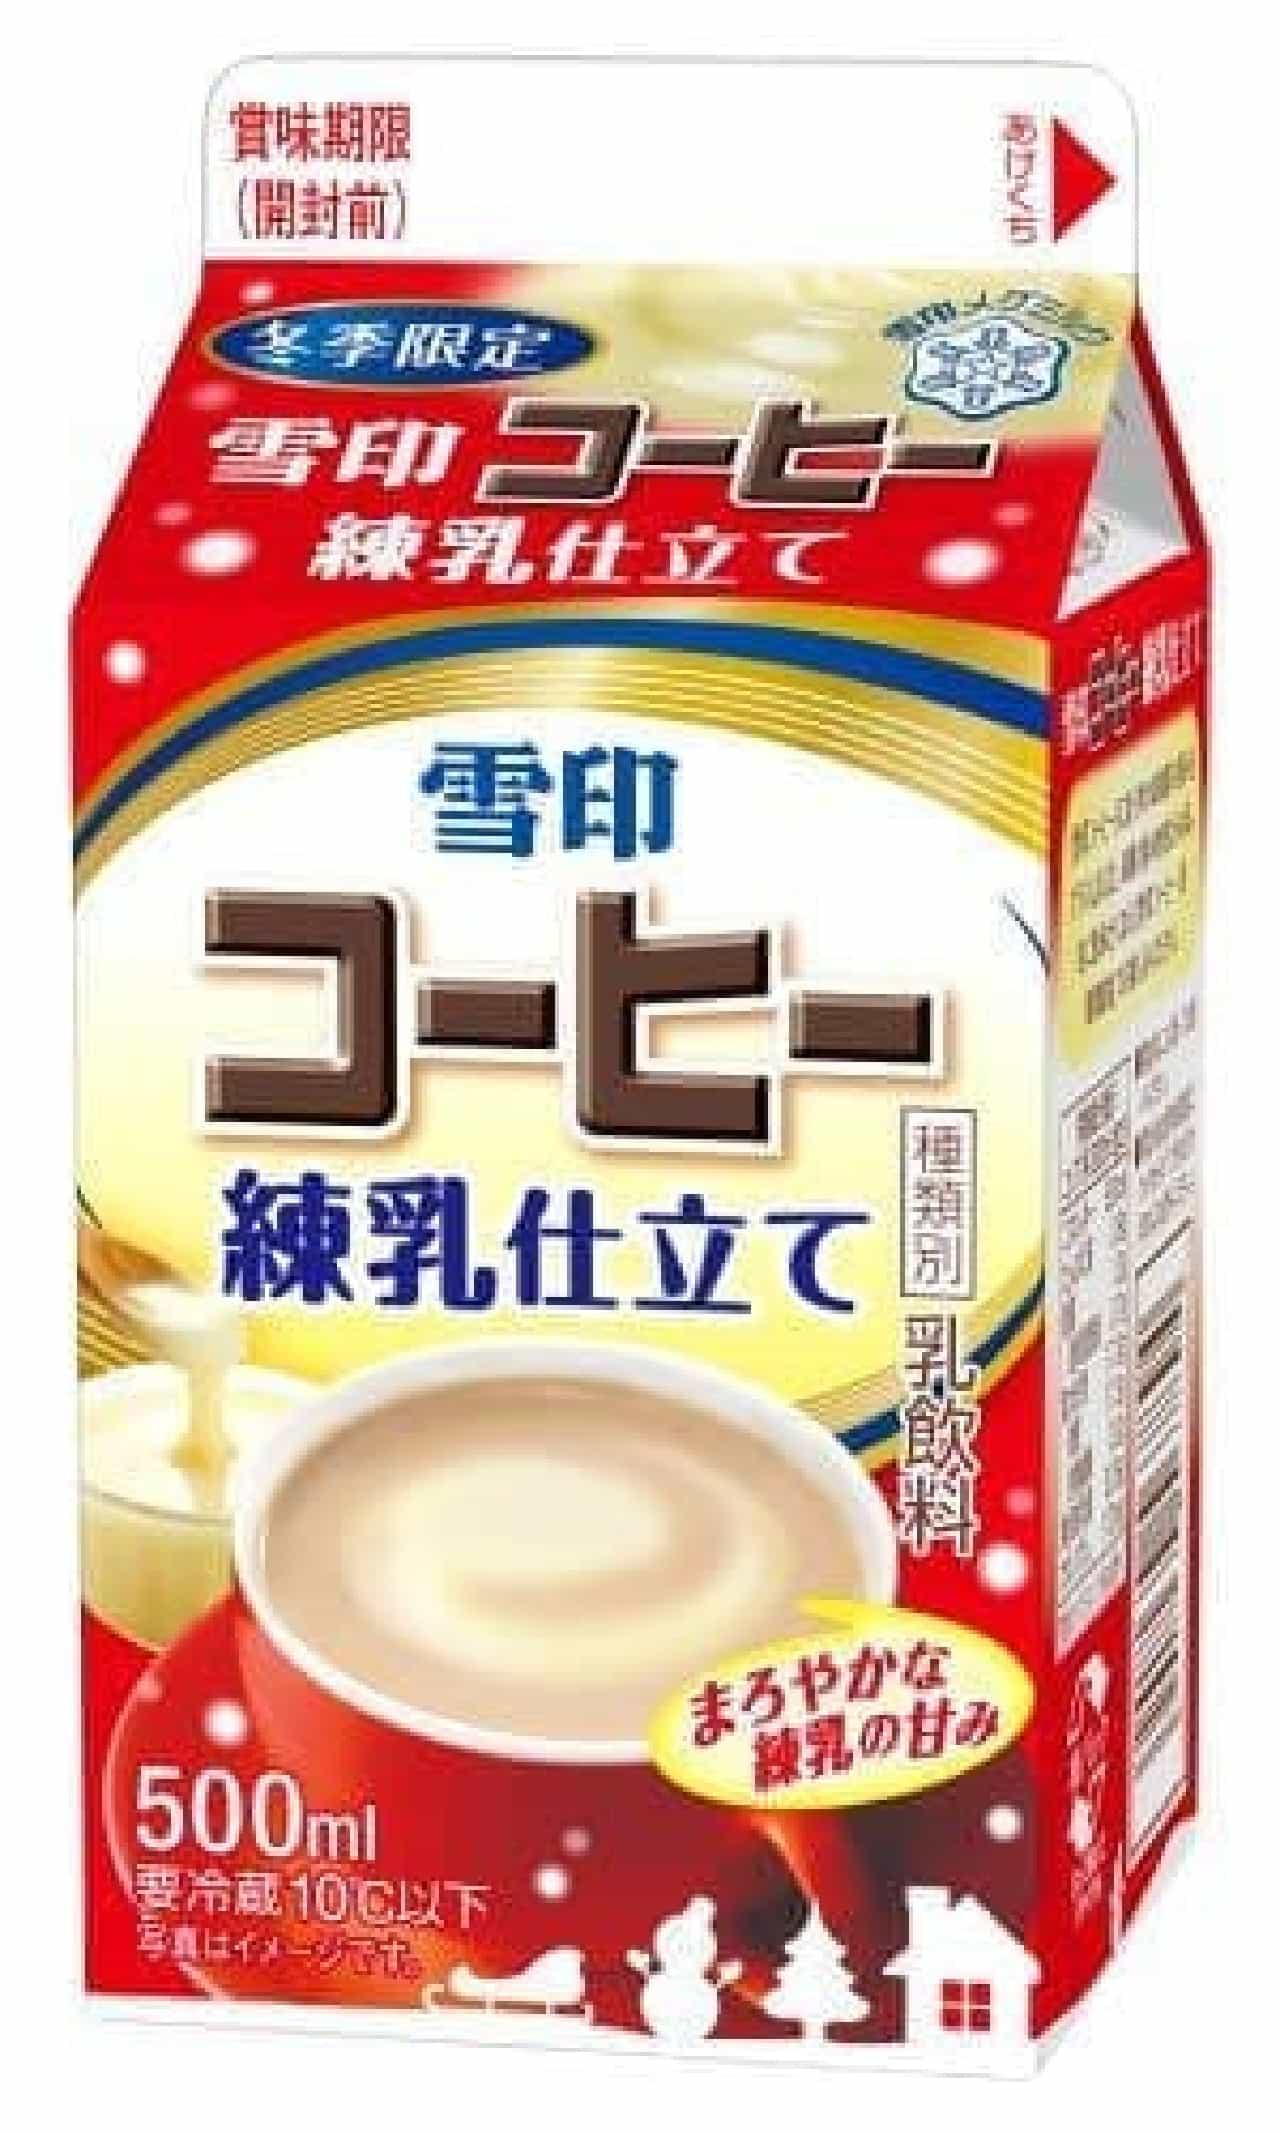 雪印メグミルク「雪印コーヒー 練乳仕立て」